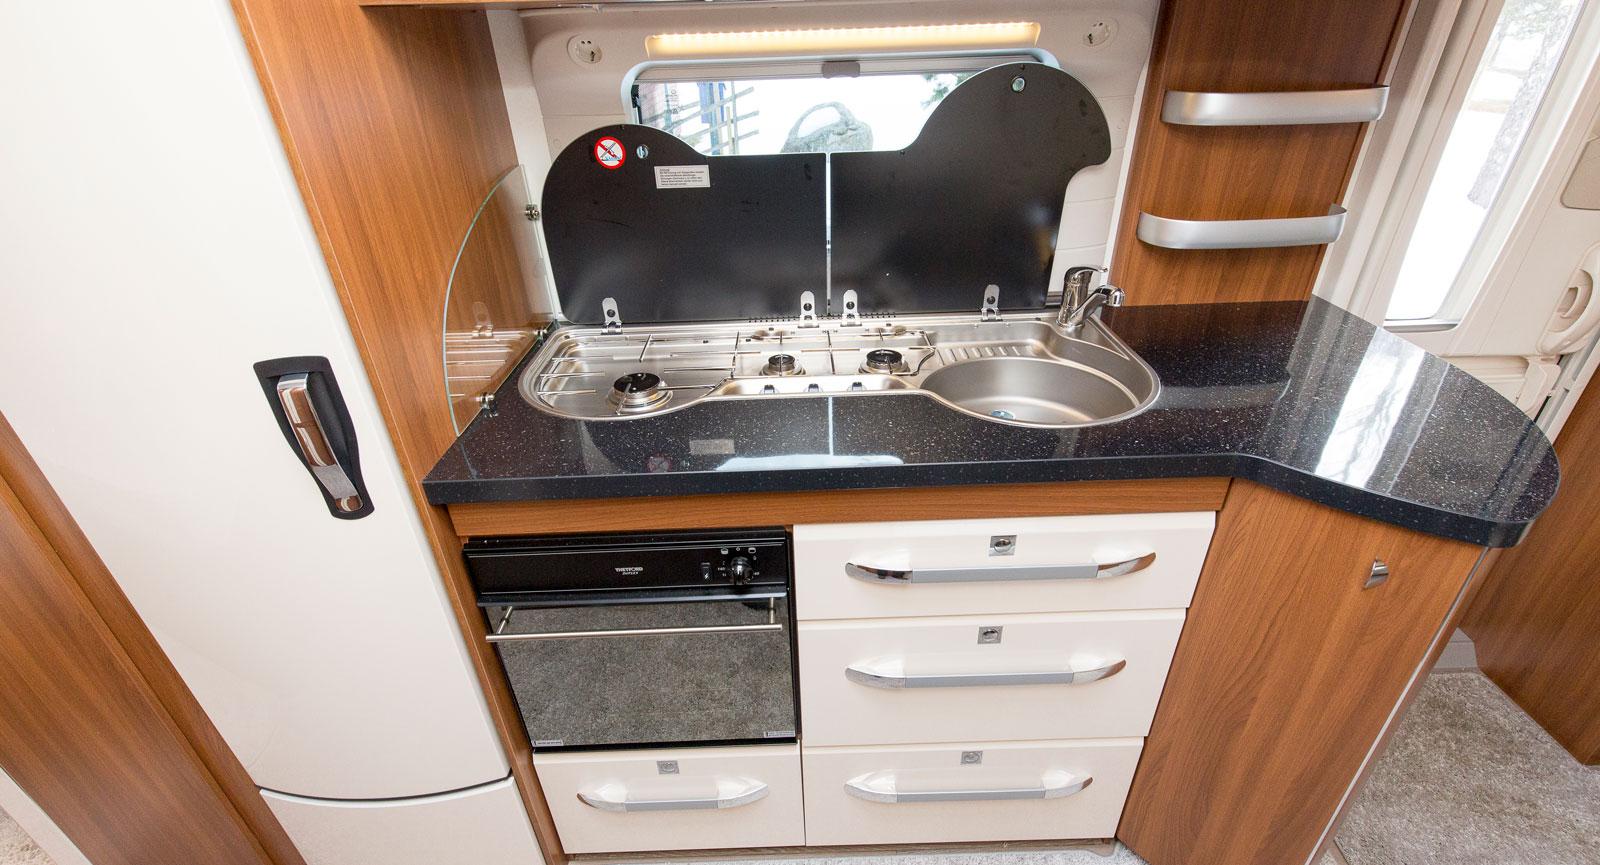 Föredömligt kök med gott om arbetsytor, delade lock till spis och diskho samt en gasolugn och massor av hyllor och lådor.